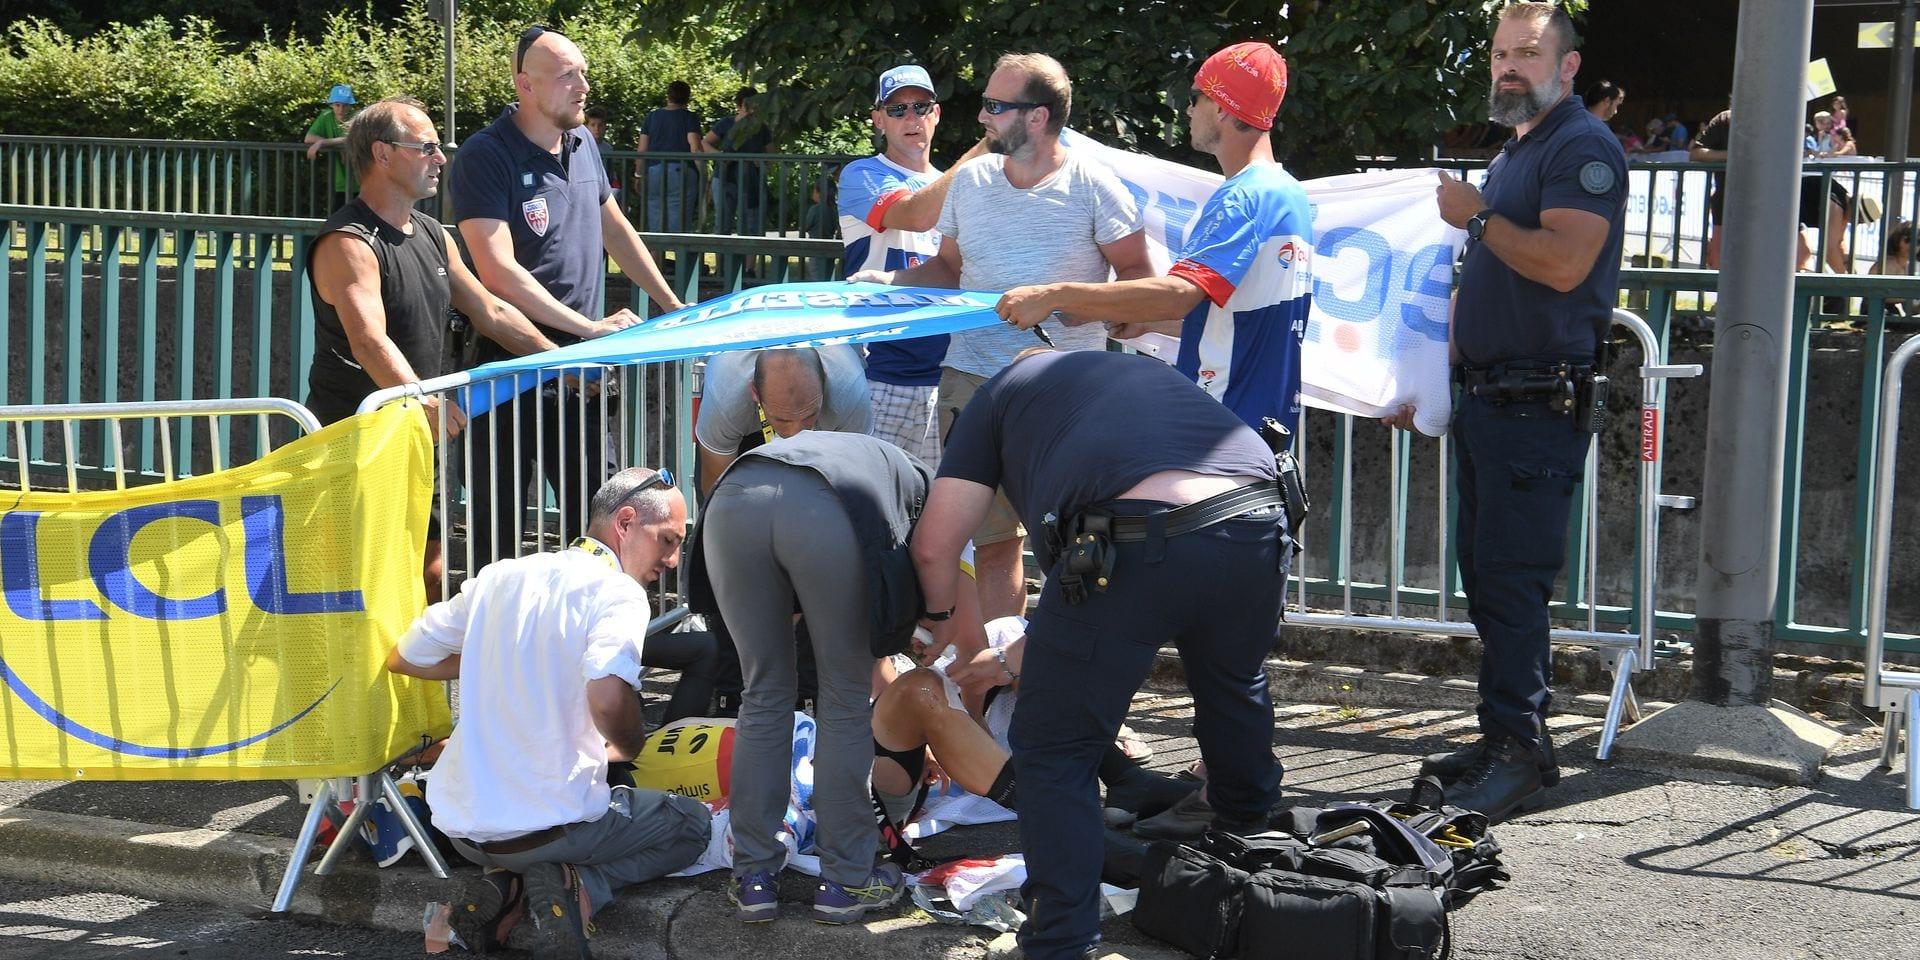 Terrible chute et abandon pour Wout Van Aert dans les derniers mètres du contre-la-montre (VIDEO)